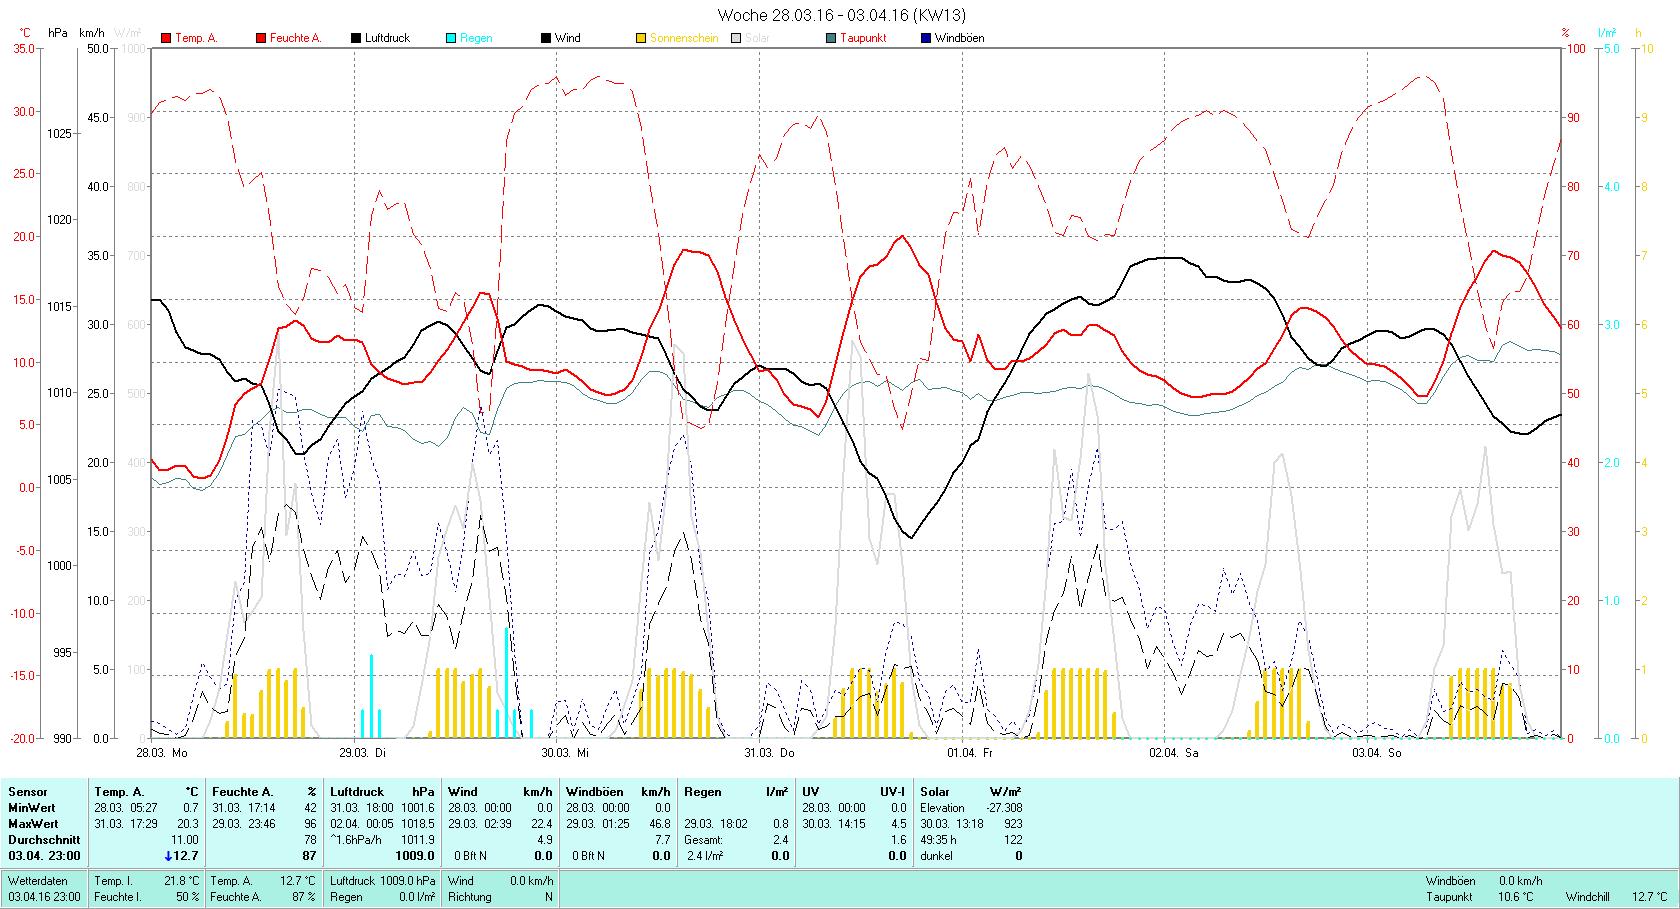 KW 13 Tmin 0.7°C, Tmax 20.3°C, Sonne 49:35h, Niederschlag 2.4mm/2